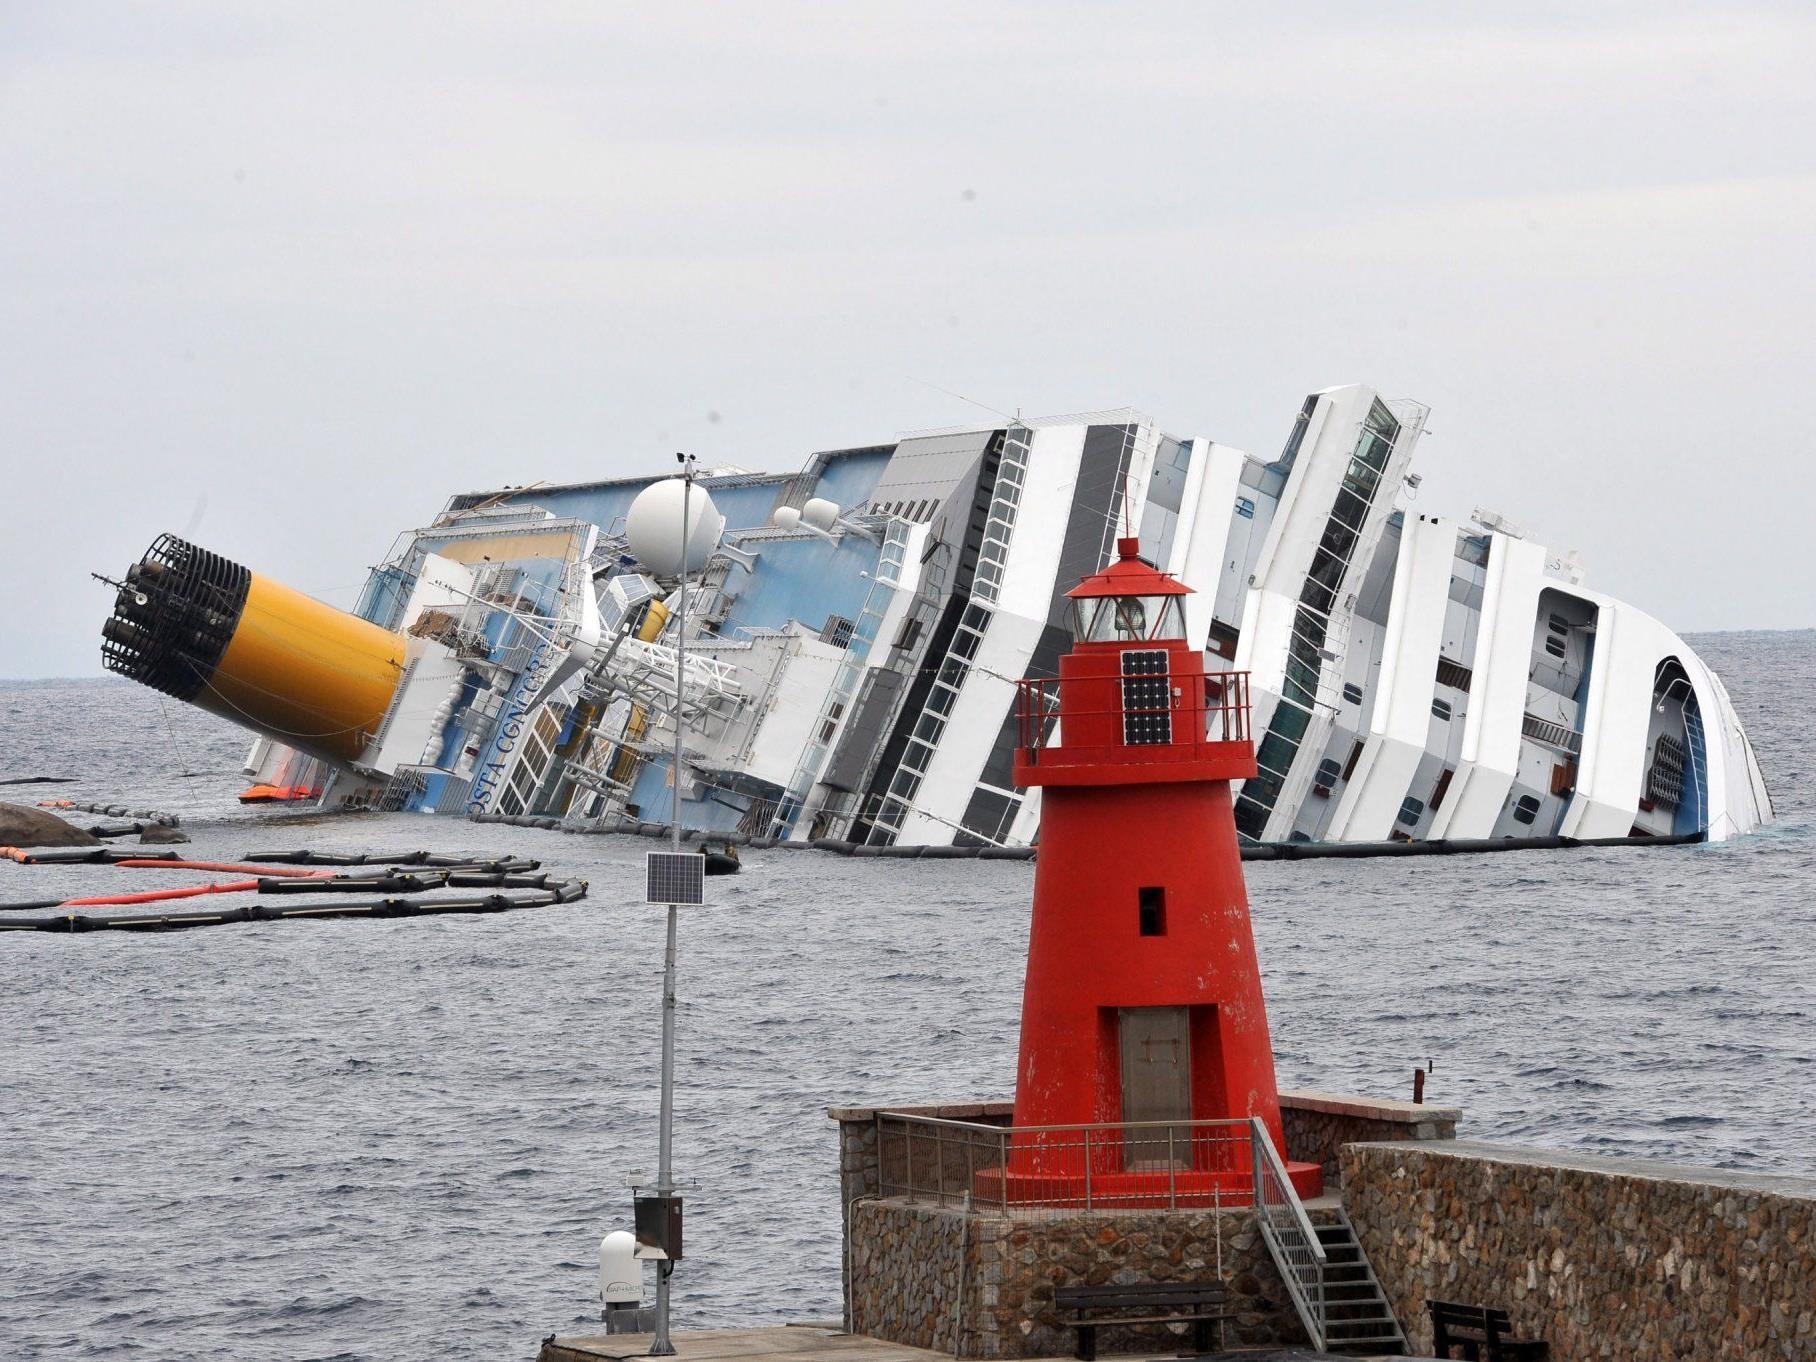 Bei der Havarie der Costa Concordia am 13. Jänner kamen vermutlich 32 Menschen ums Leben.